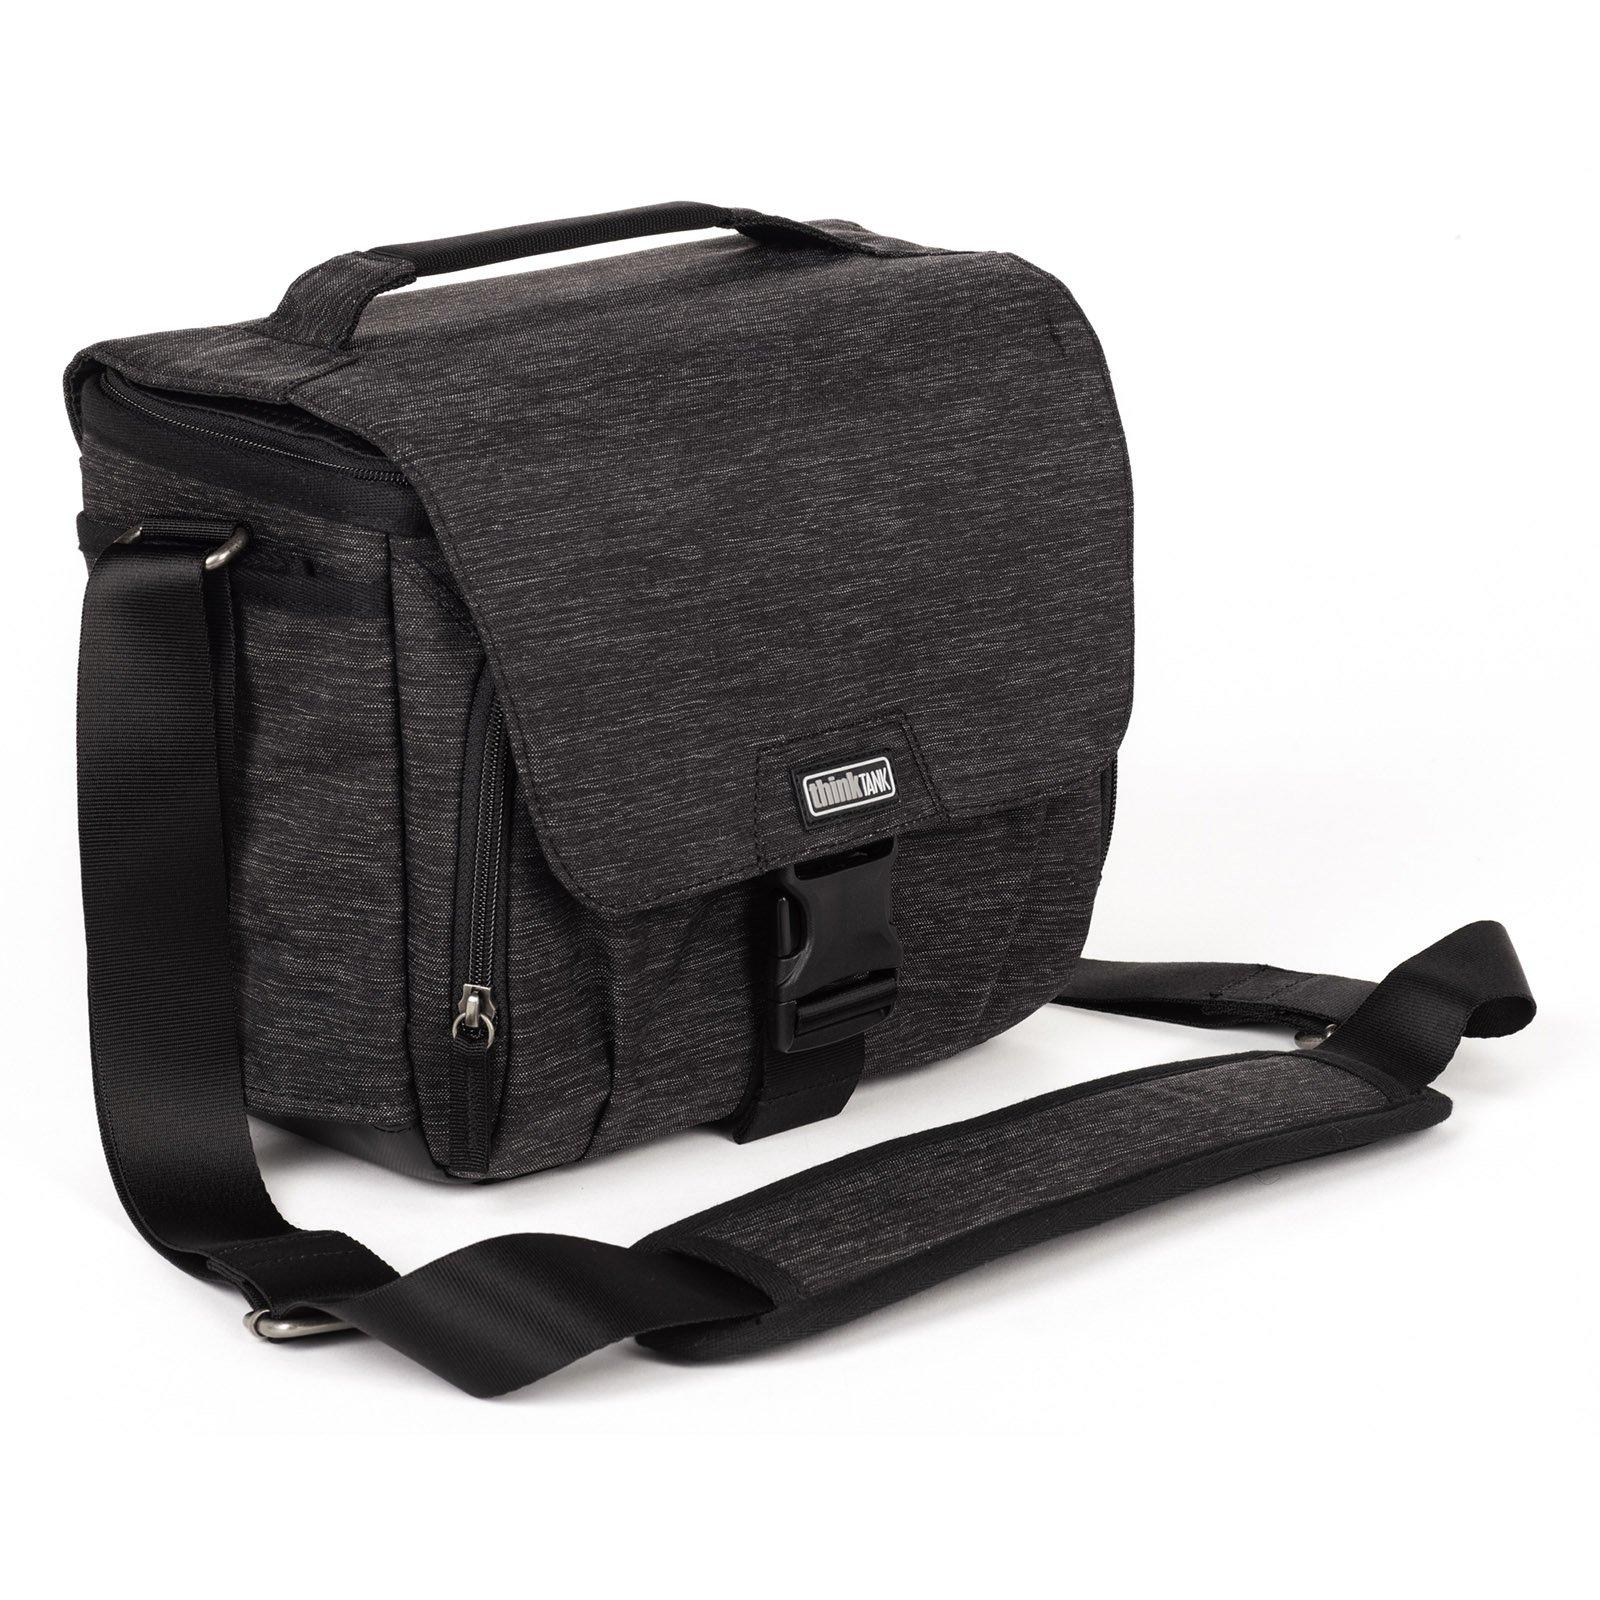 Túi đeo máy ảnh Think Tank Vision 10 - Hàng chính hãng